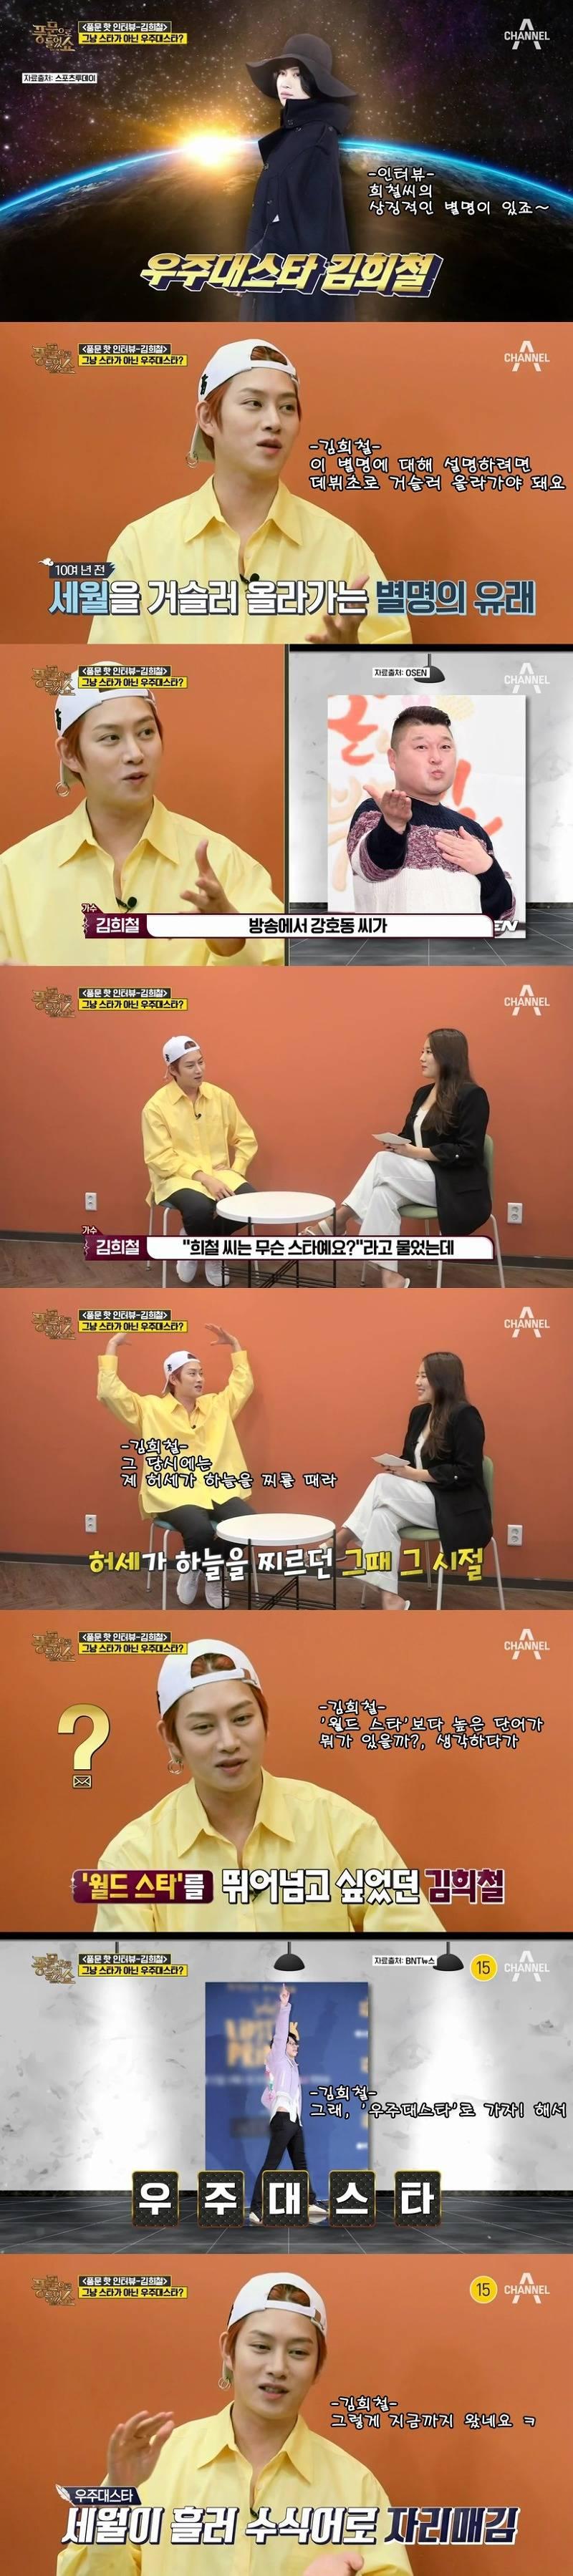 김희철이 사람들한테 인기가 많은 이유 .JPG | 인스티즈